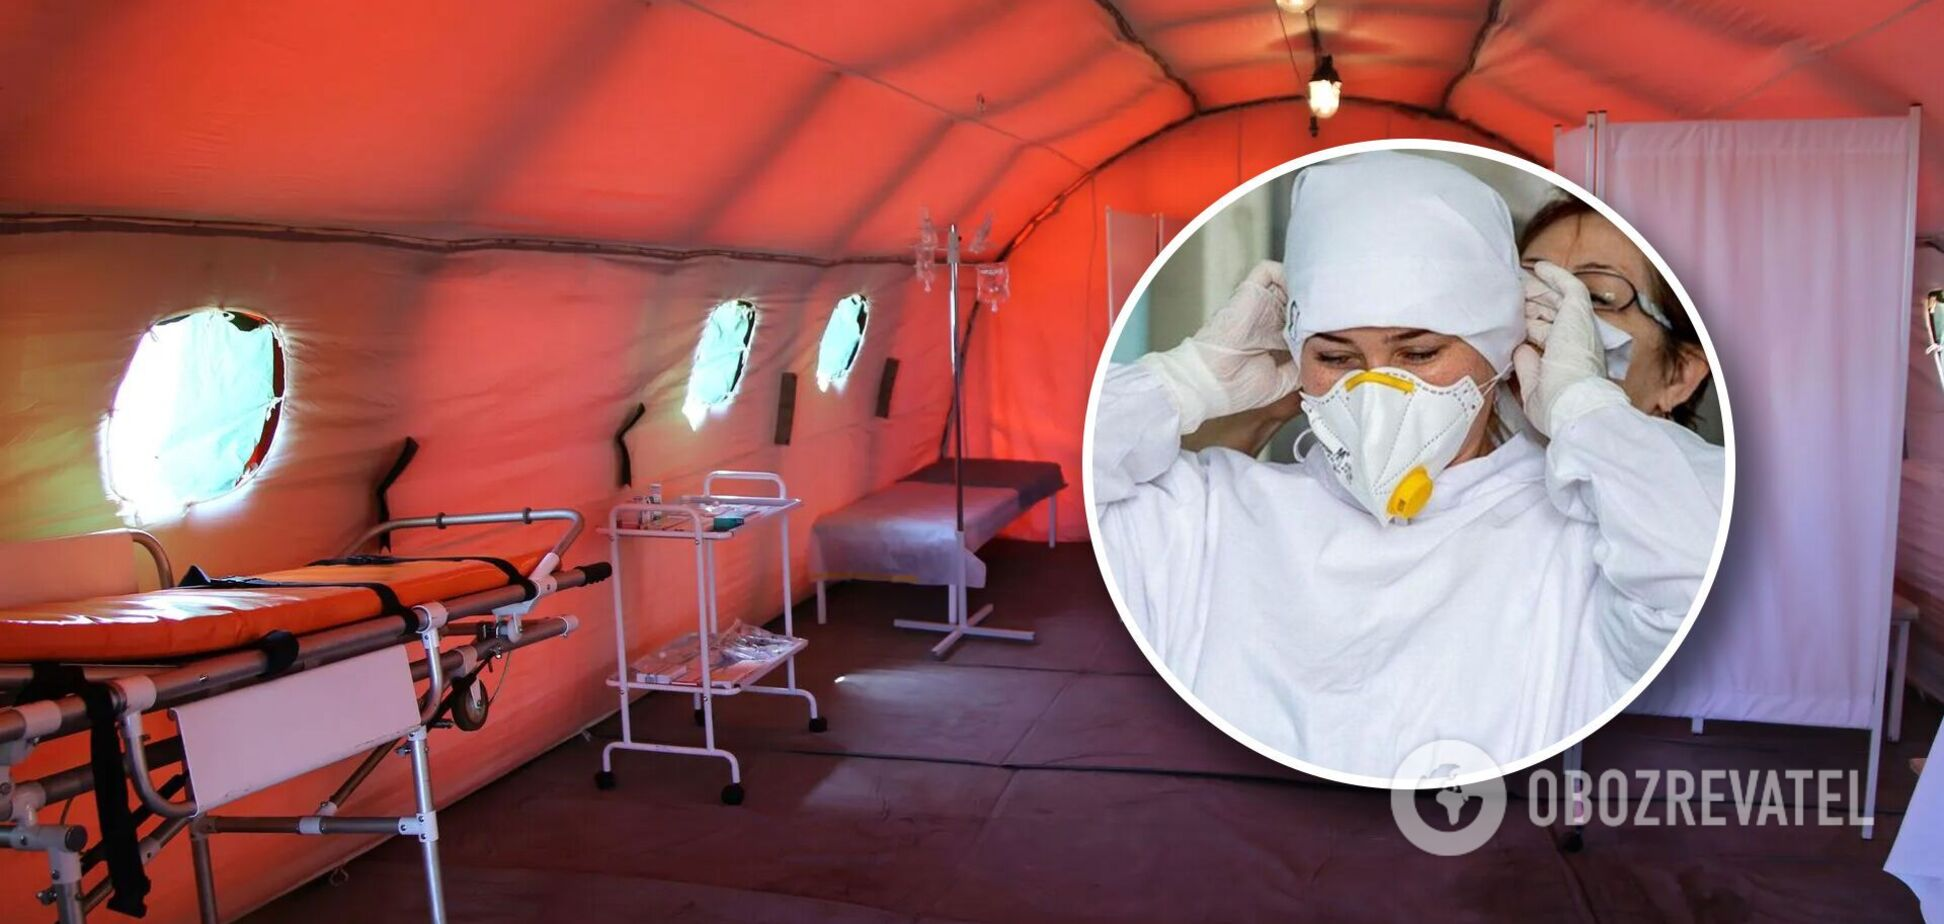 'Ищите кислород, где хотите': Яровая рассказала о катастрофе в больницах с COVID-пациентами